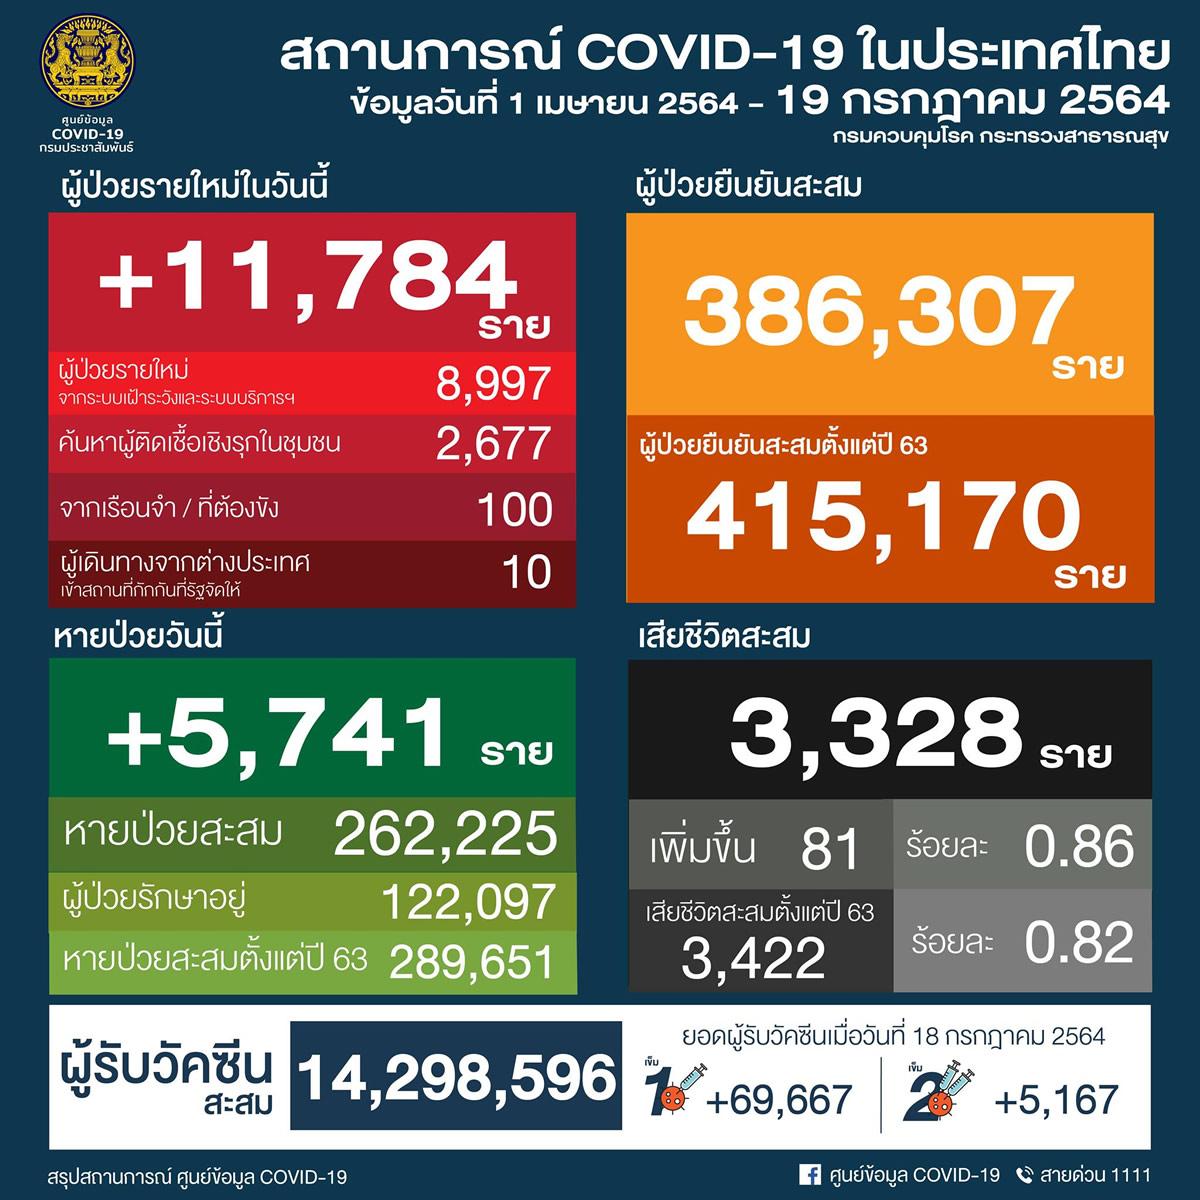 タイ過去最多の11,784人陽性/バンコク2,134人/プーケット1人 [2021年7月19日発表]